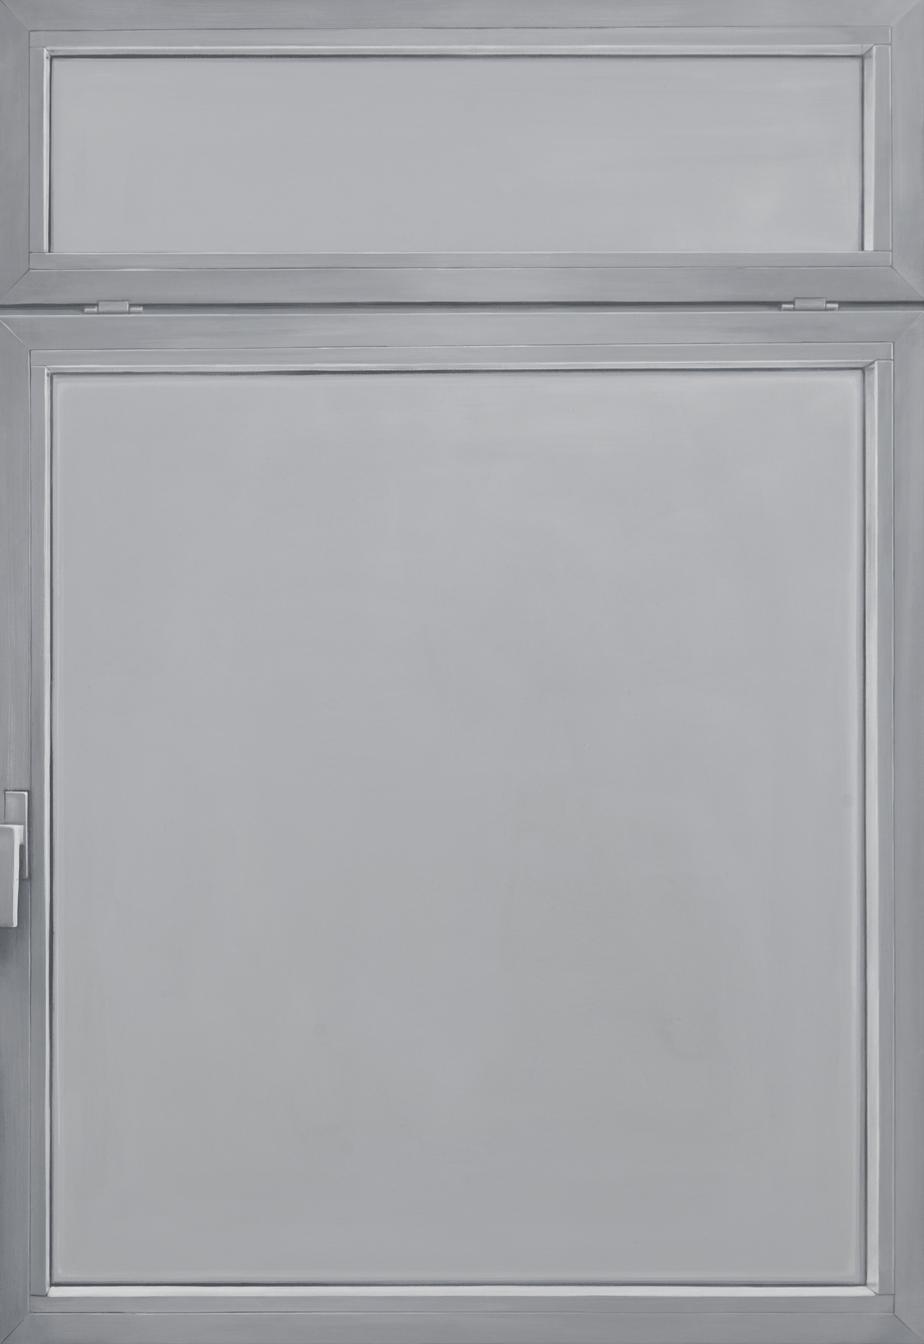 Die Aussicht 2 (Alles hat eine Bedeutung Nr. 3) 2013 | Acryl auf Leinwand | 160 x 110 cm